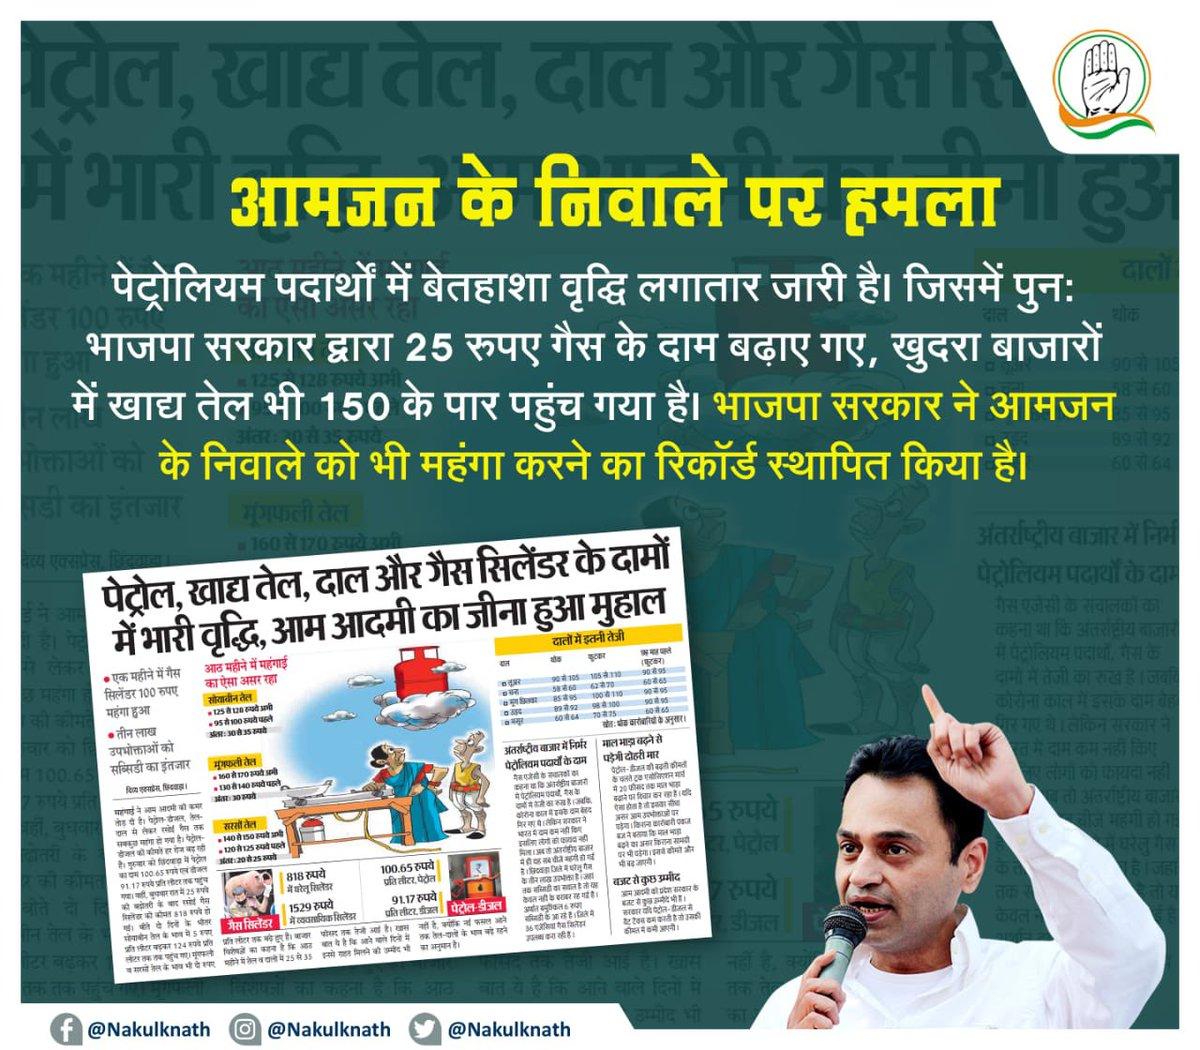 """""""आमजन के निवाले पर हमला""""   पेट्रोलियम पदार्थों में बेतहाशा वृद्धि लगातार जारी है । जिसमें पुनः भाजपा सरकार द्वारा ₹25 गैस के दाम बढ़ाए गए, खुदरा बाजारों में खाद्य तेल भी 150 के पार पहुंच गया है । भाजपा सरकार ने आमजन के निवाले को महँगा करने का रिकॉर्ड स्थापित किया है ।"""